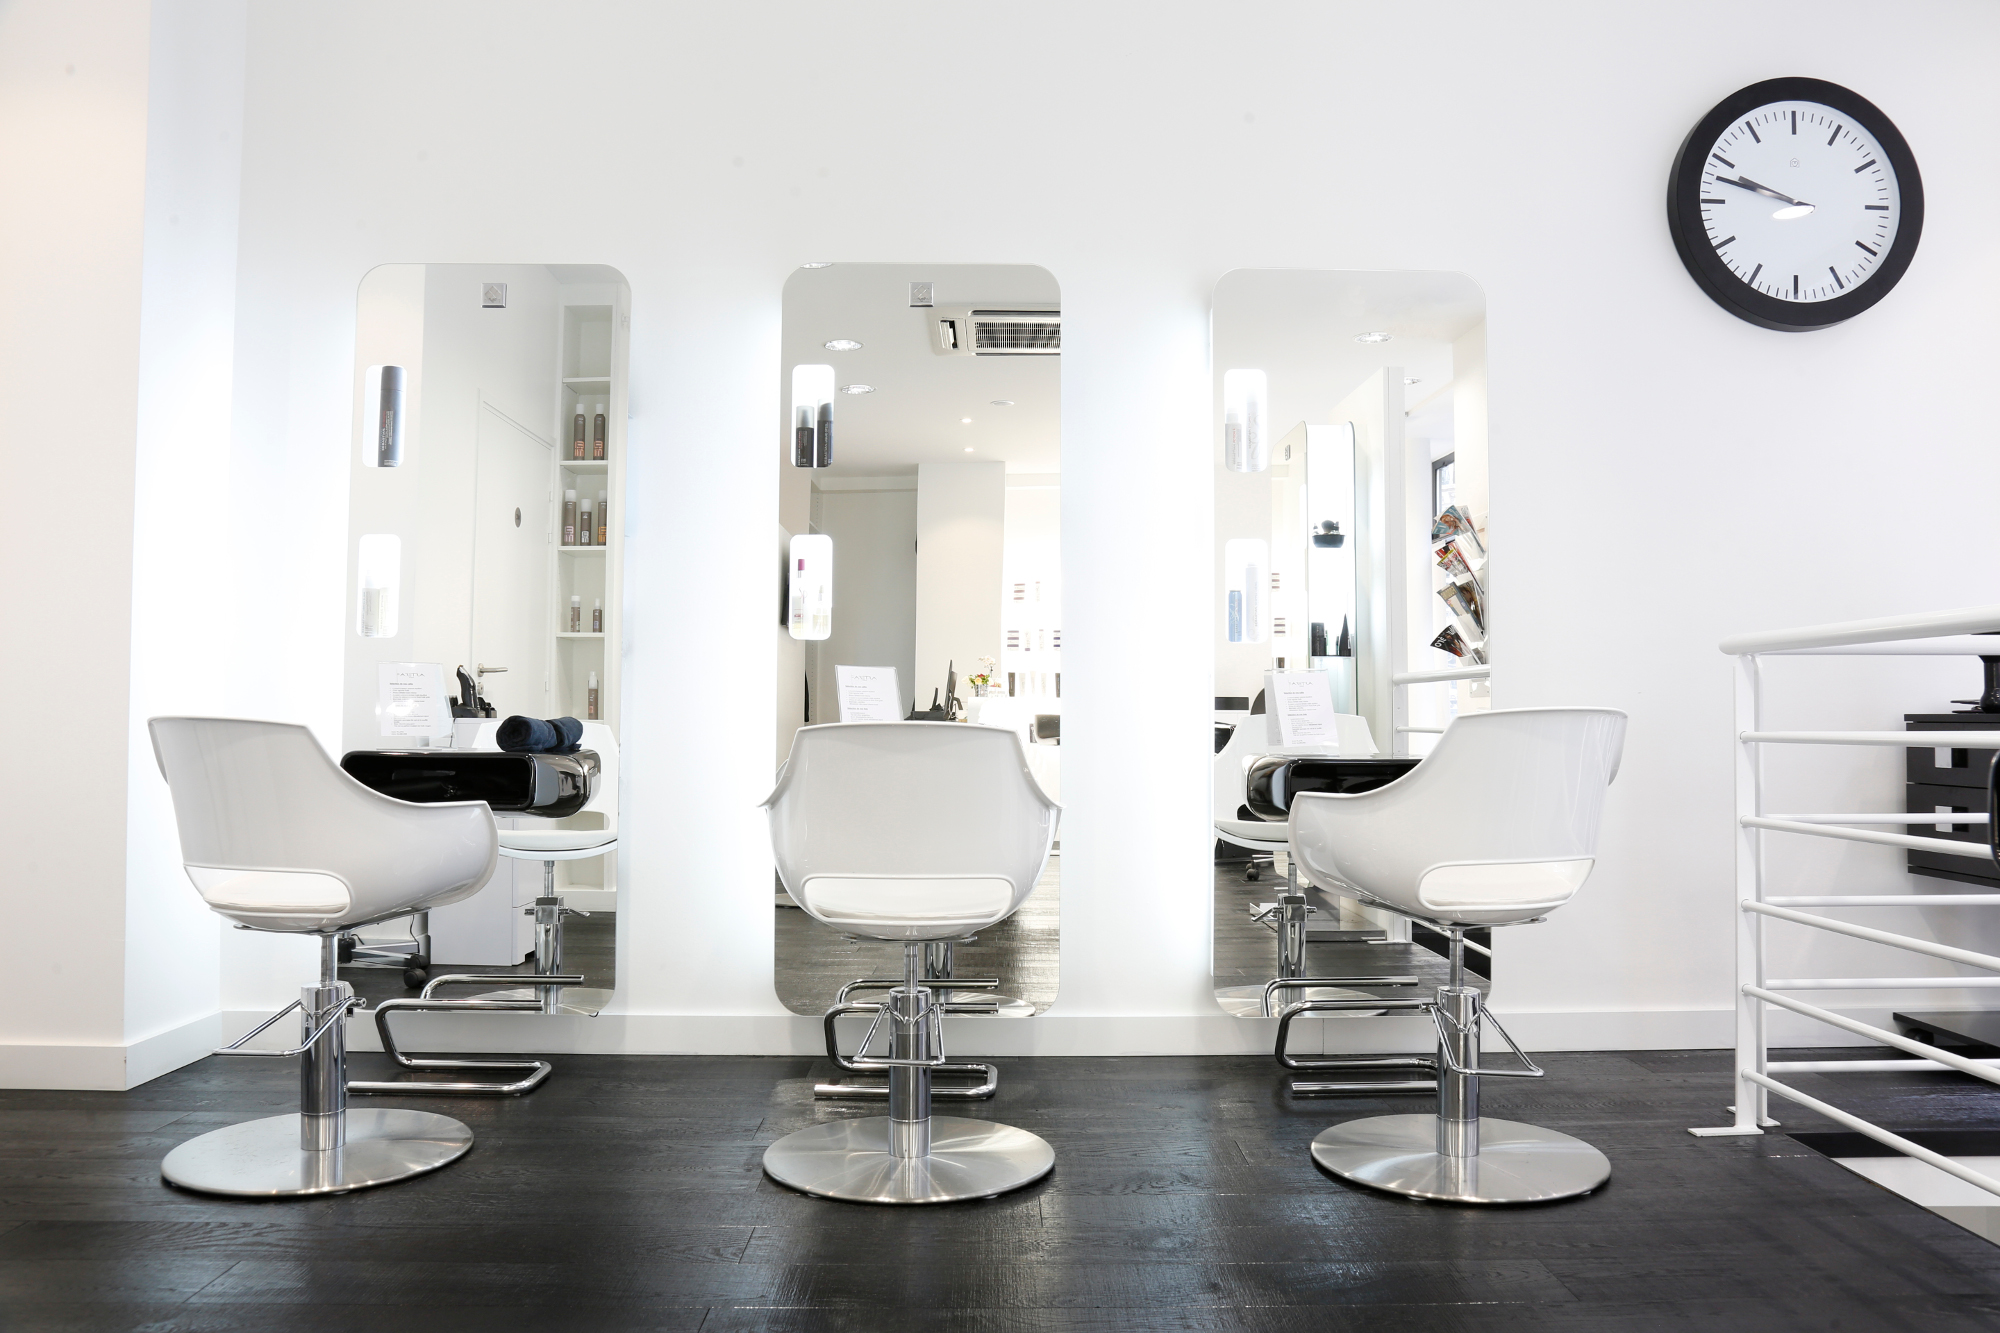 Notre visite myst re du salon de coiffure faretra paris 8 for Salon de coiffure sur paris